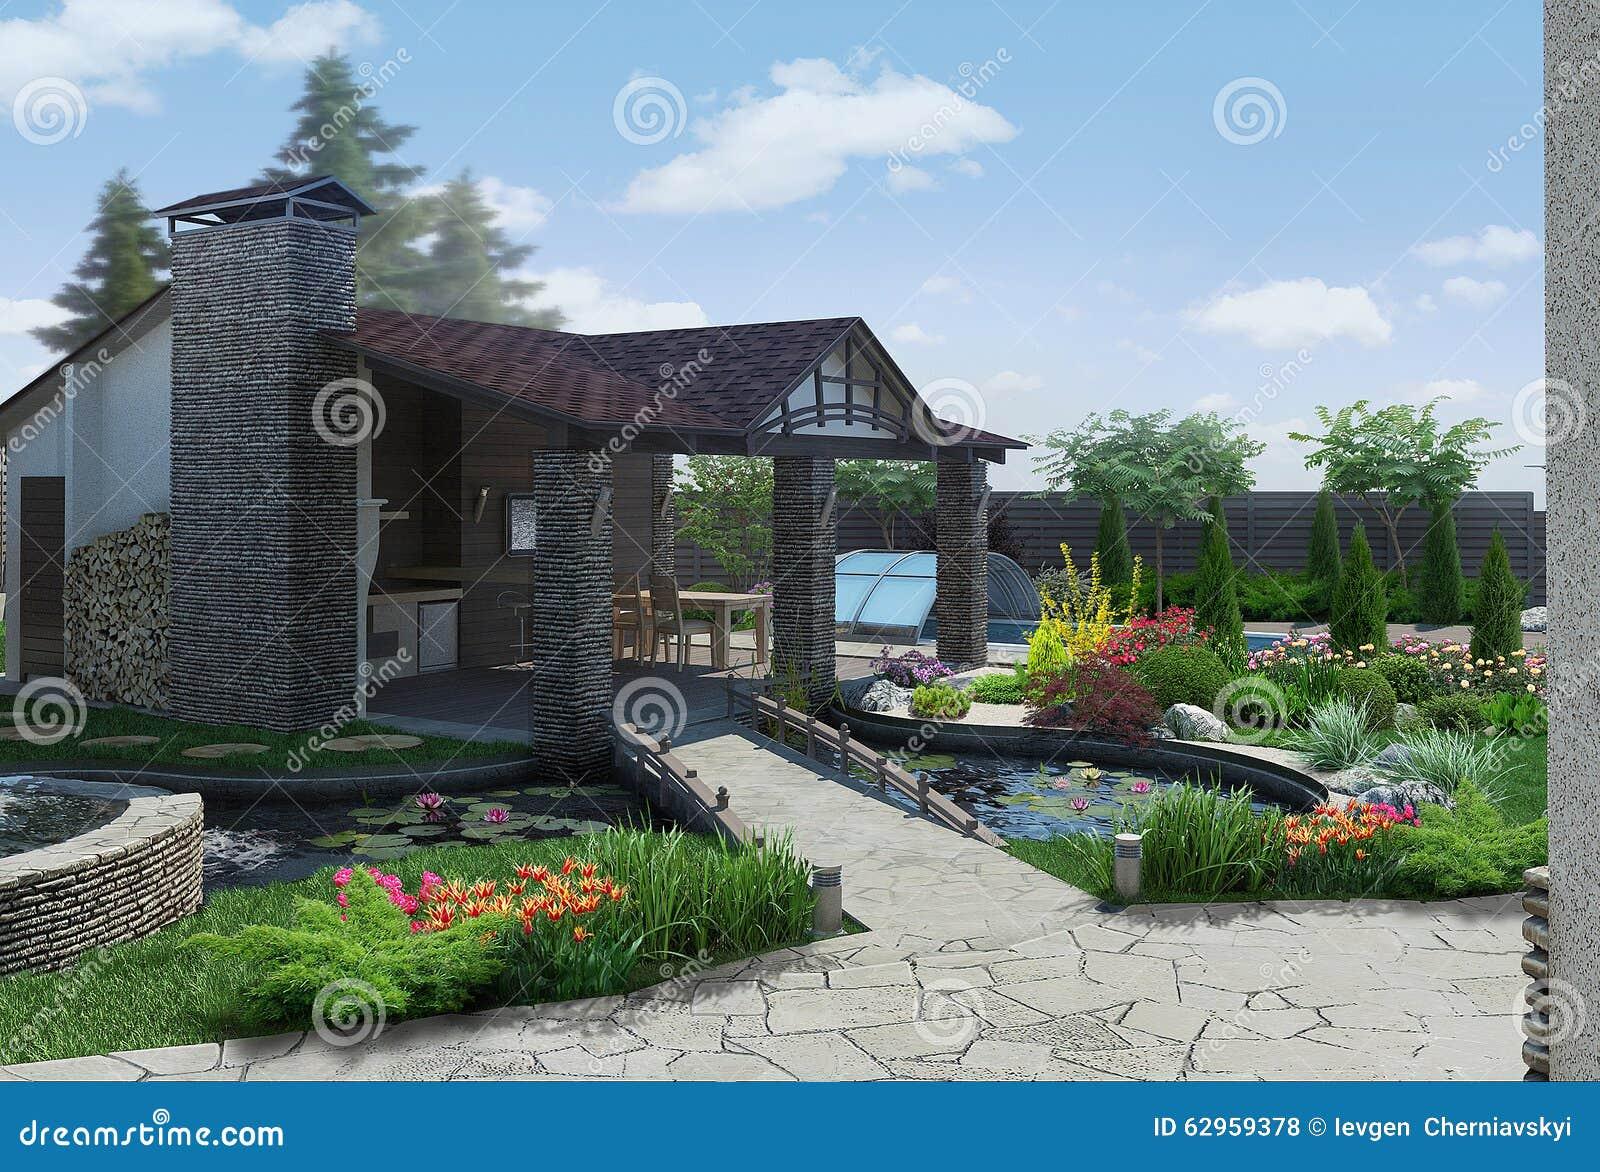 Landscaping decorative pond and garden pavilion 3d render for Garden pond design software free download